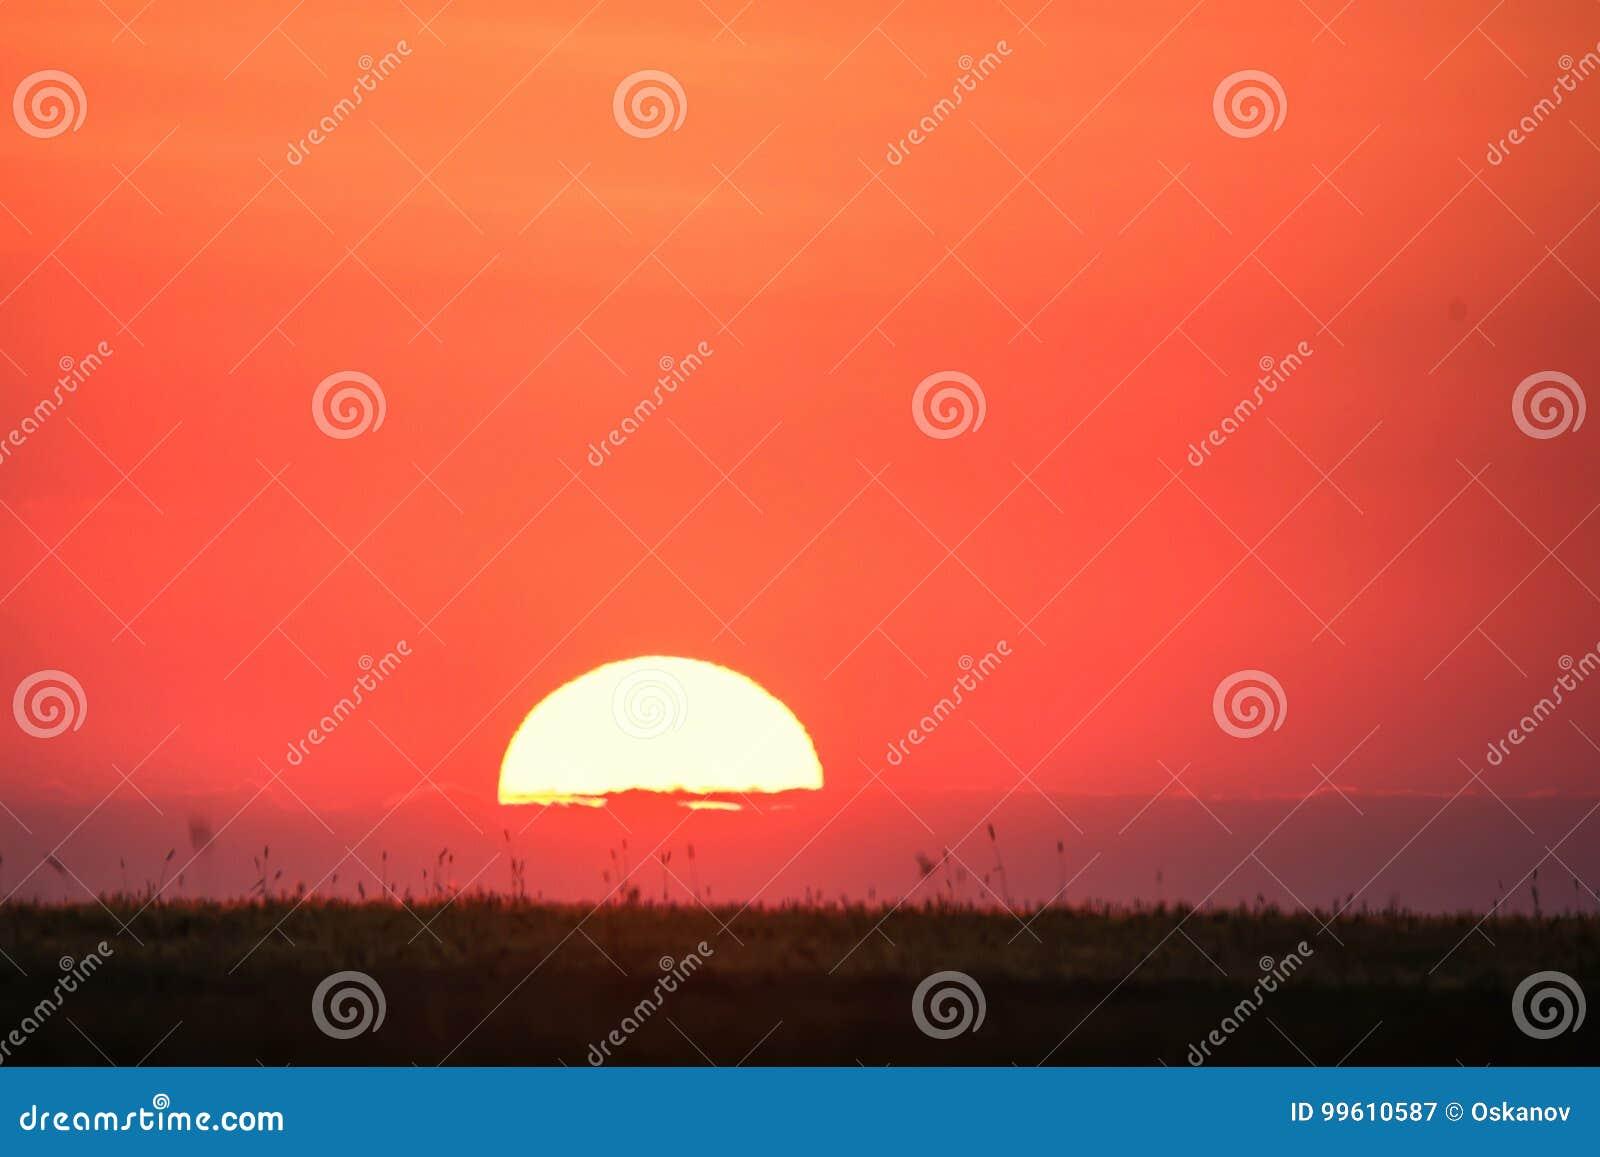 Horizonlijn met zon het plaatsen